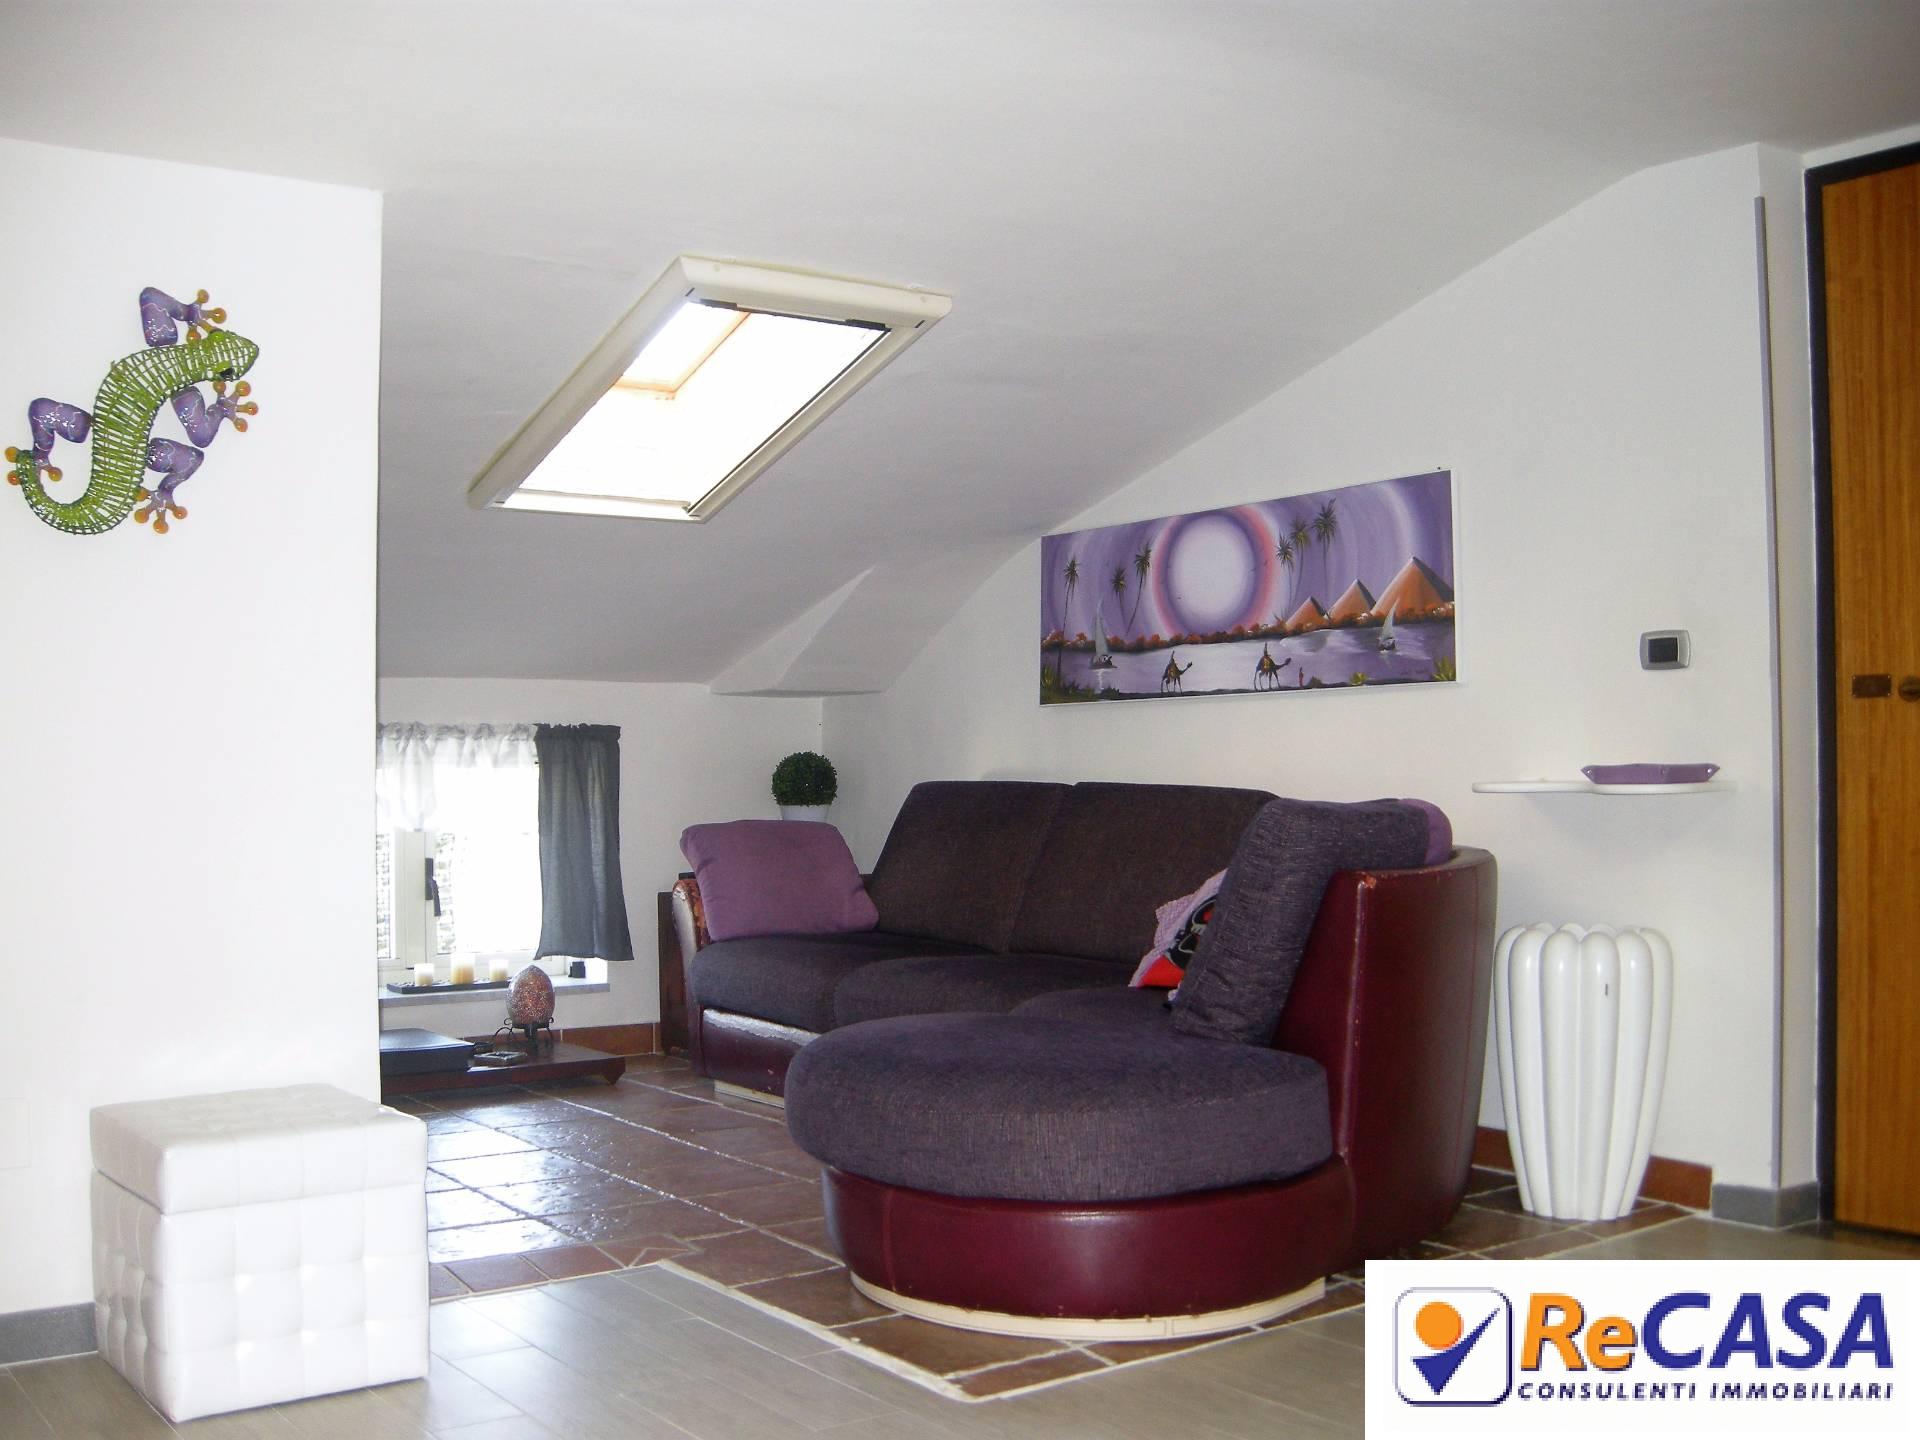 Appartamento in vendita a Montecorvino Pugliano, 3 locali, zona Località: BivioPratole, prezzo € 119.000   CambioCasa.it